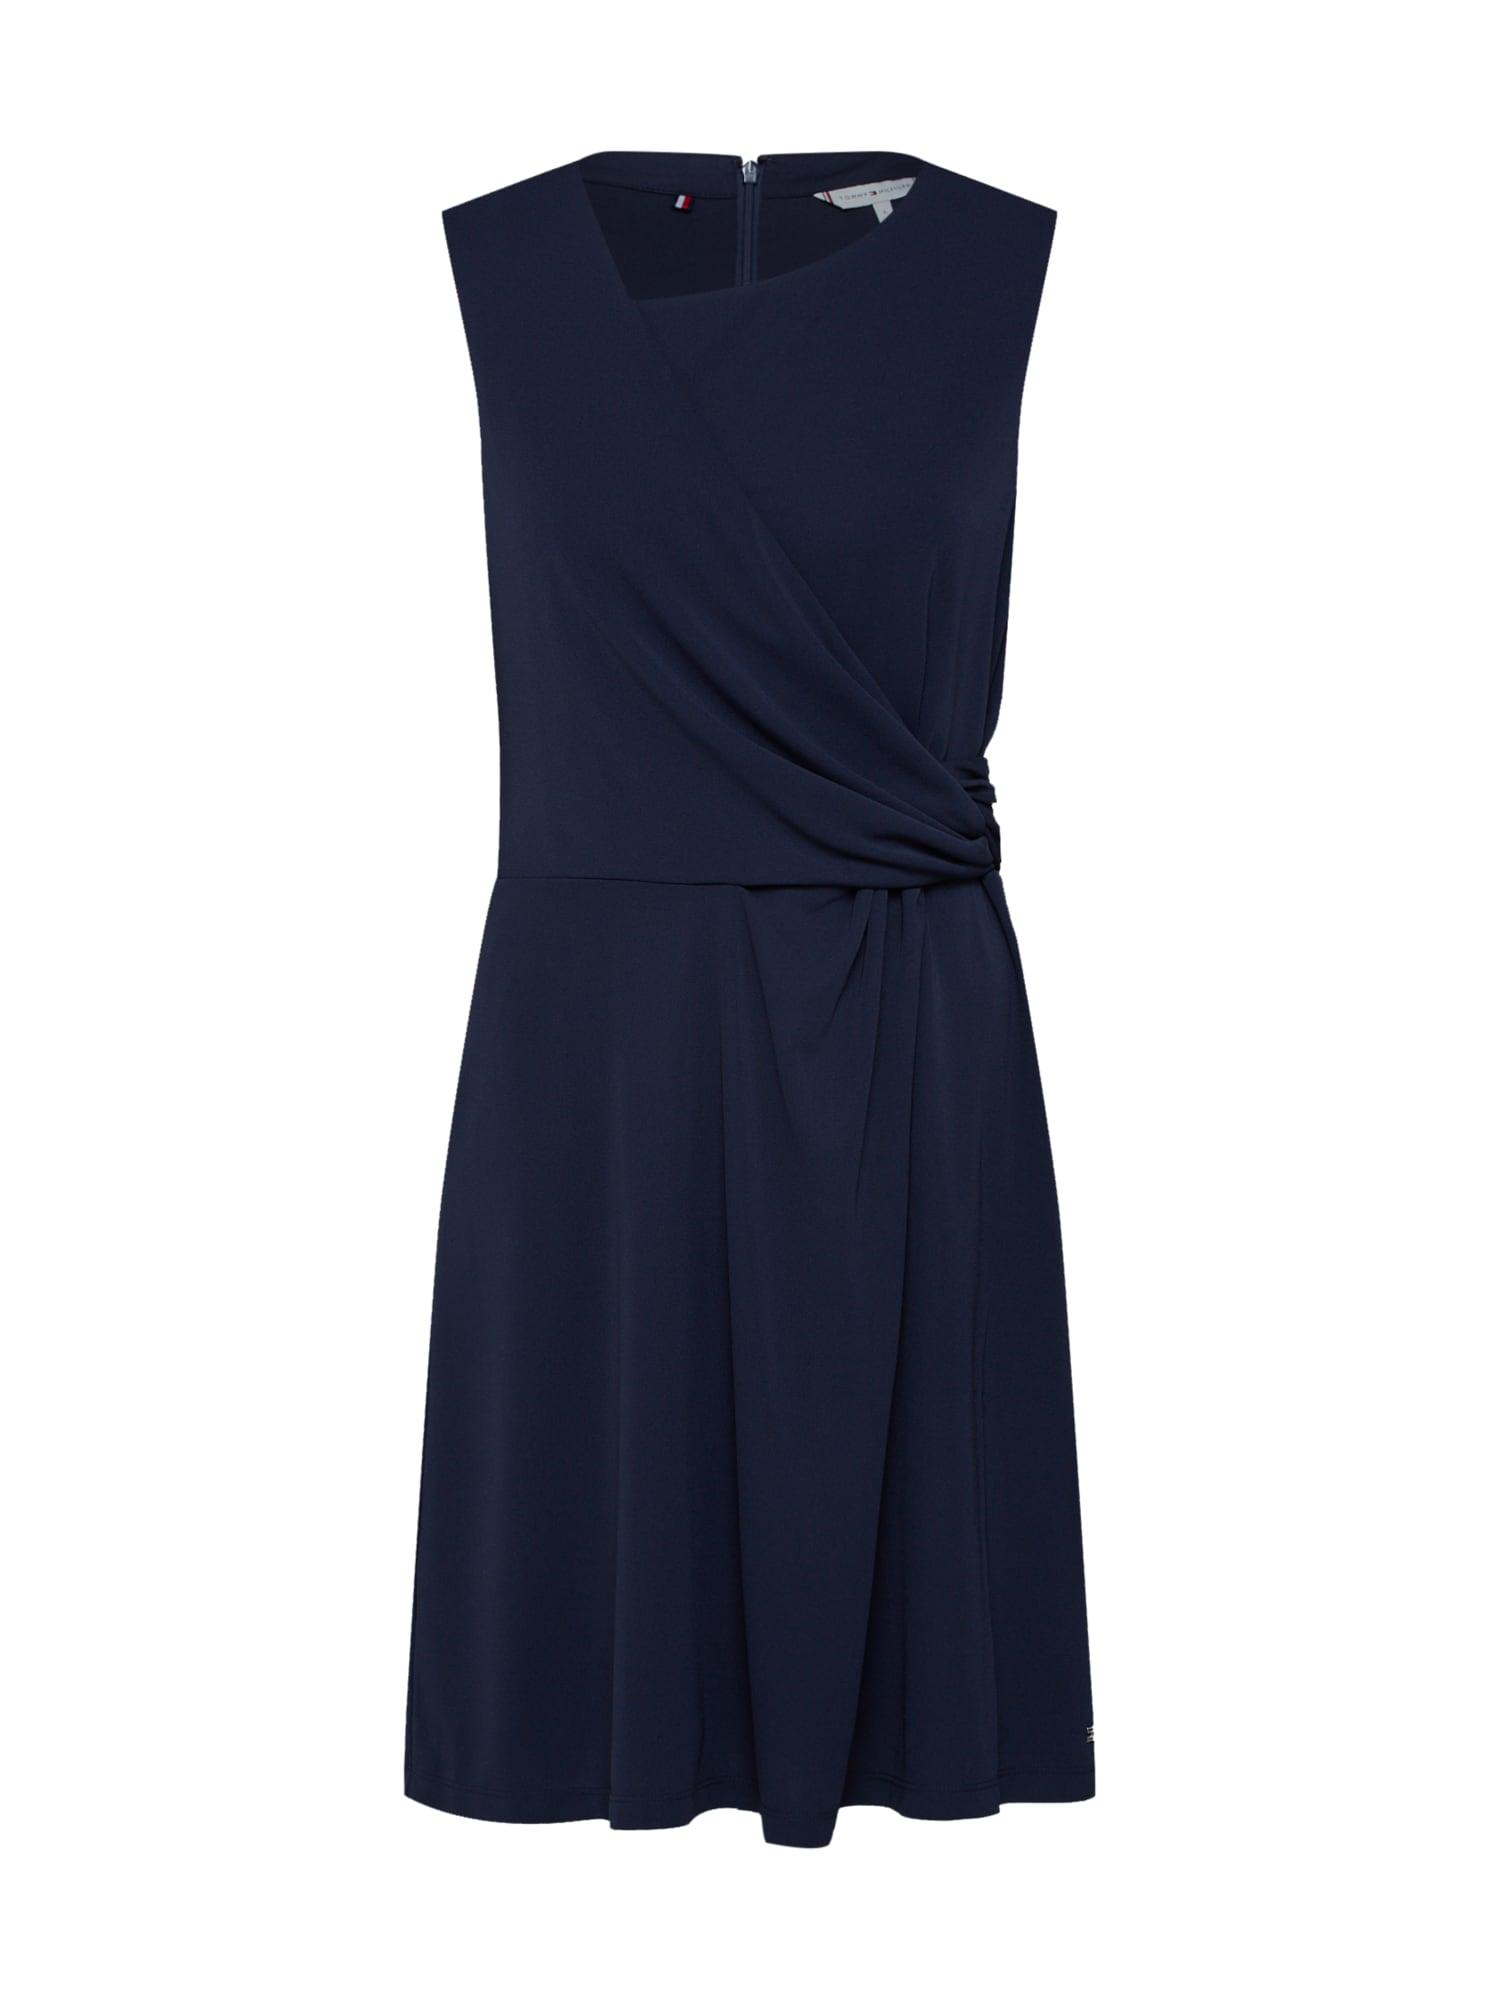 Šaty Barbara námořnická modř TOMMY HILFIGER